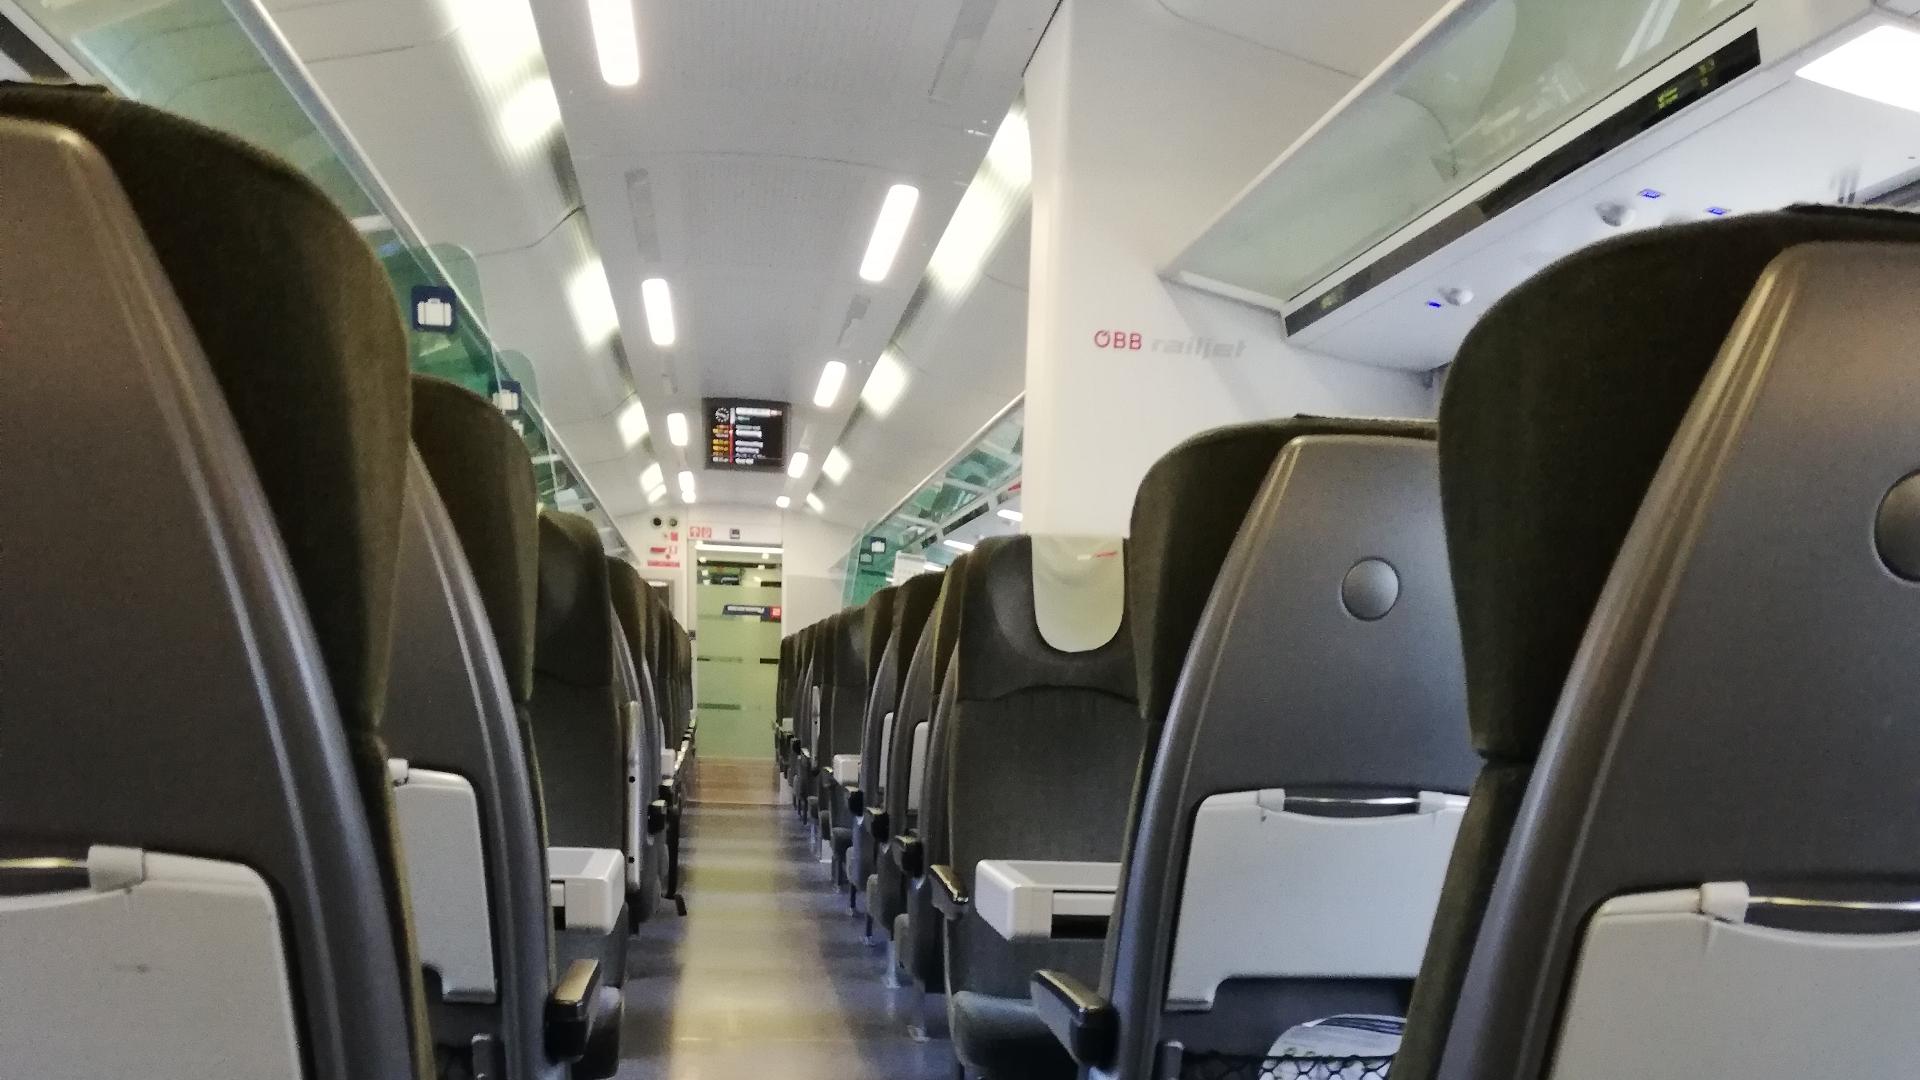 Shutdown-Railjet-Corona Krise-Covid 19-Österreich-ÖBB-Wien Graz-Zug-leer-Waggon